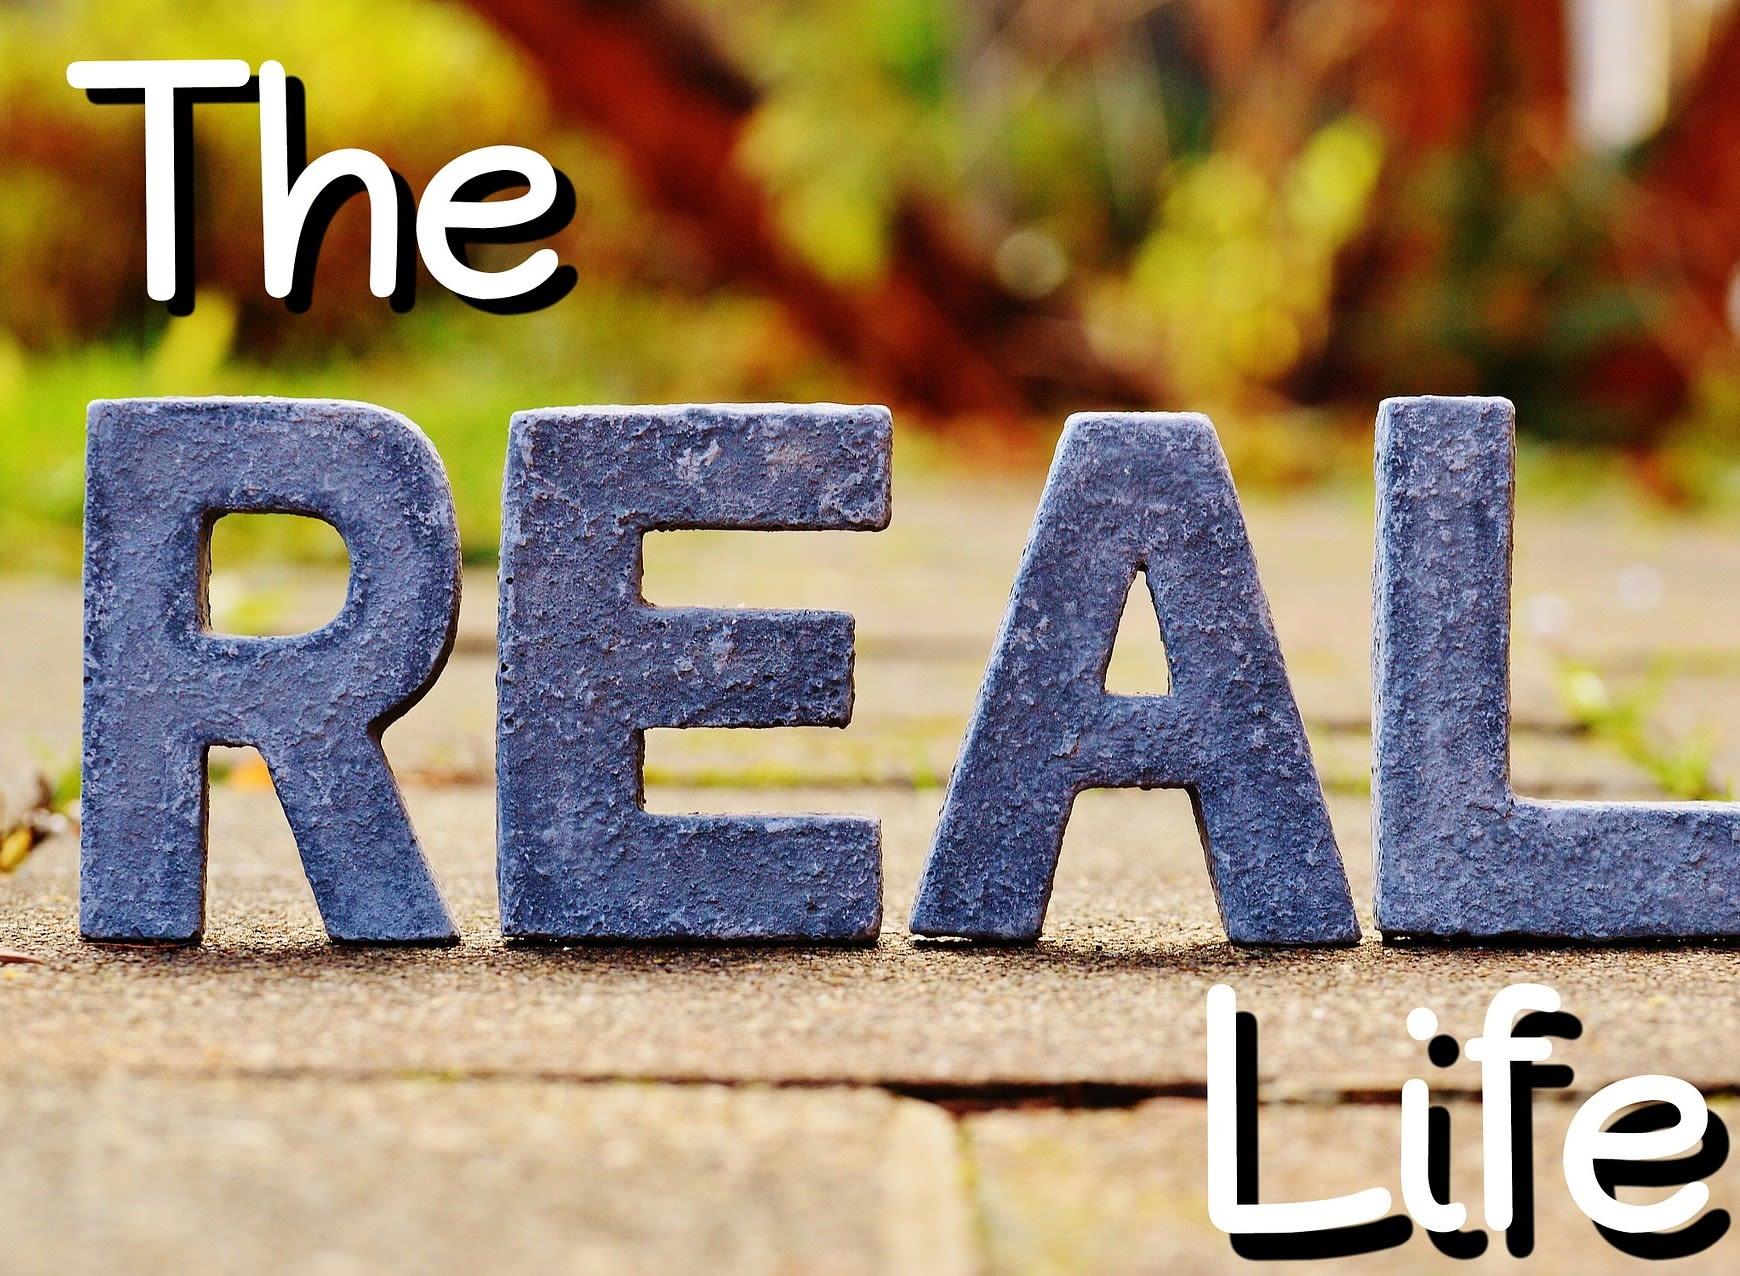 Leve den virkelige virkelighed